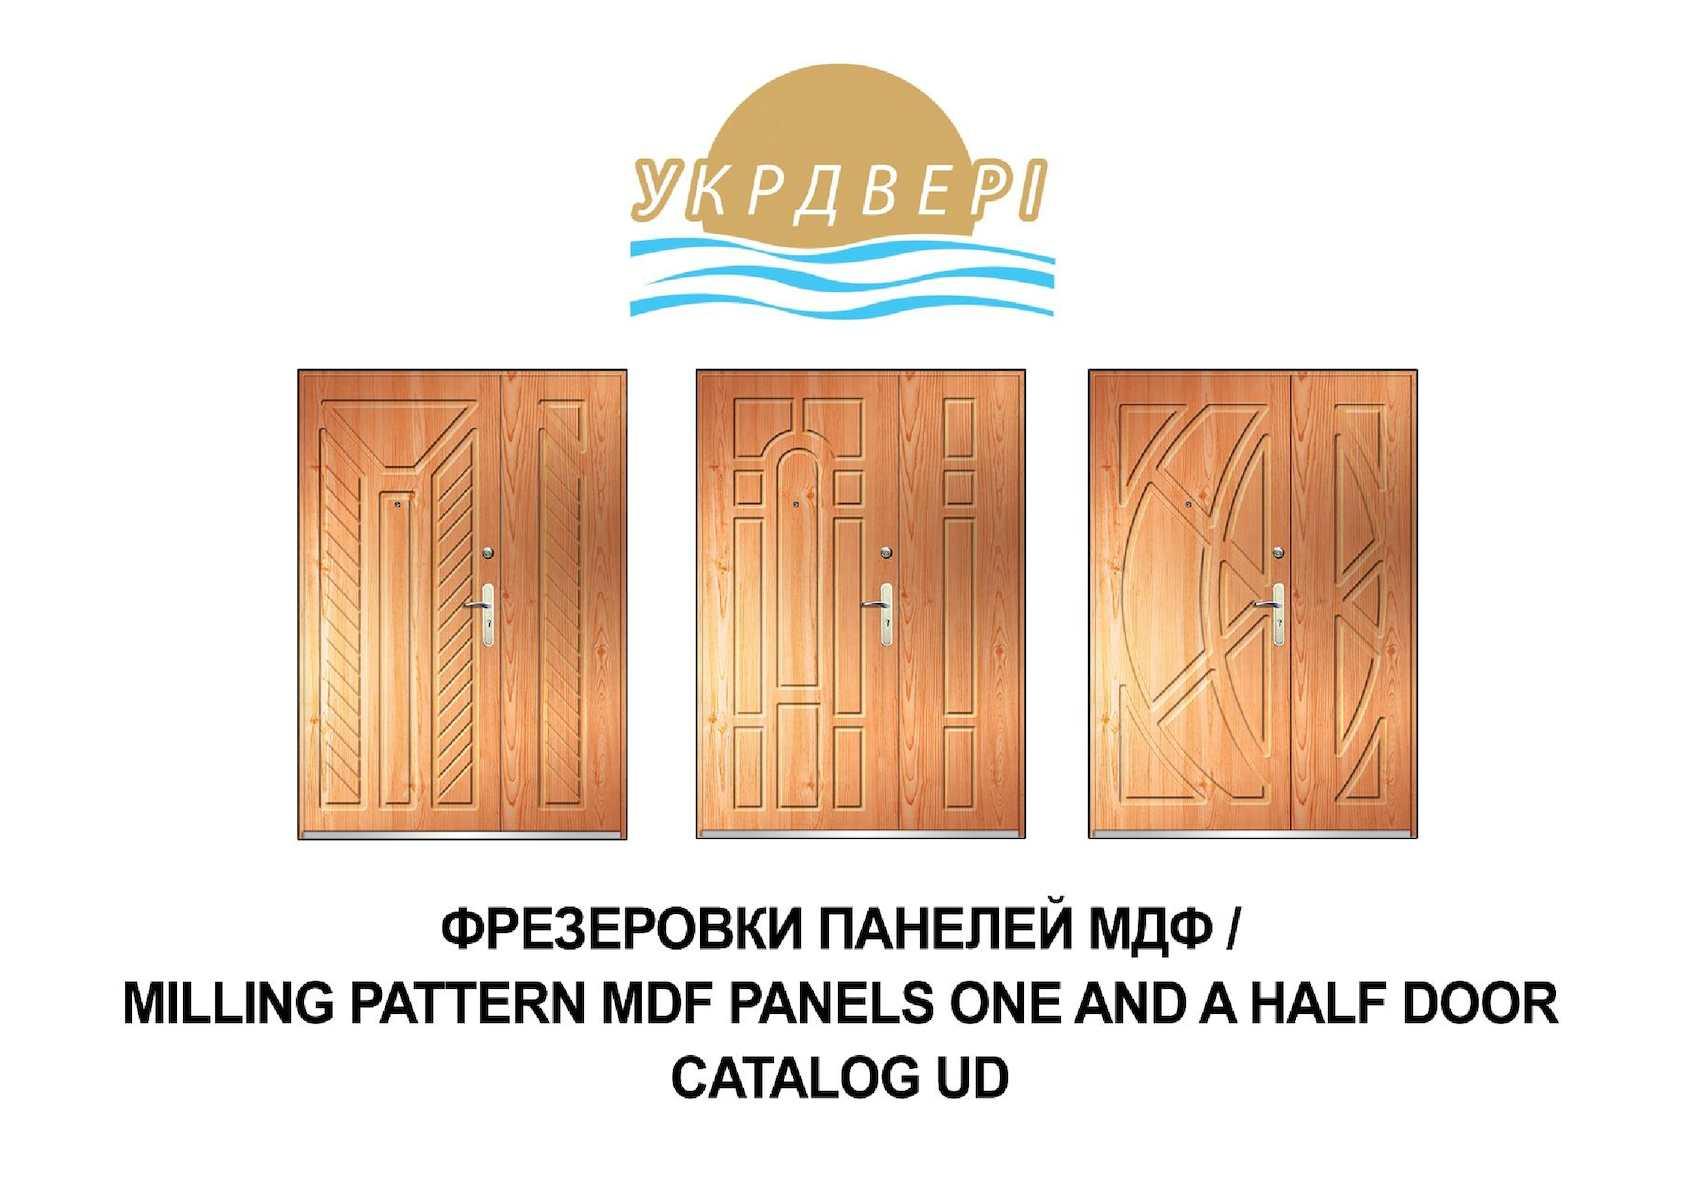 Фрезеровка панелей МДФ/MILLING PATTERN MDF